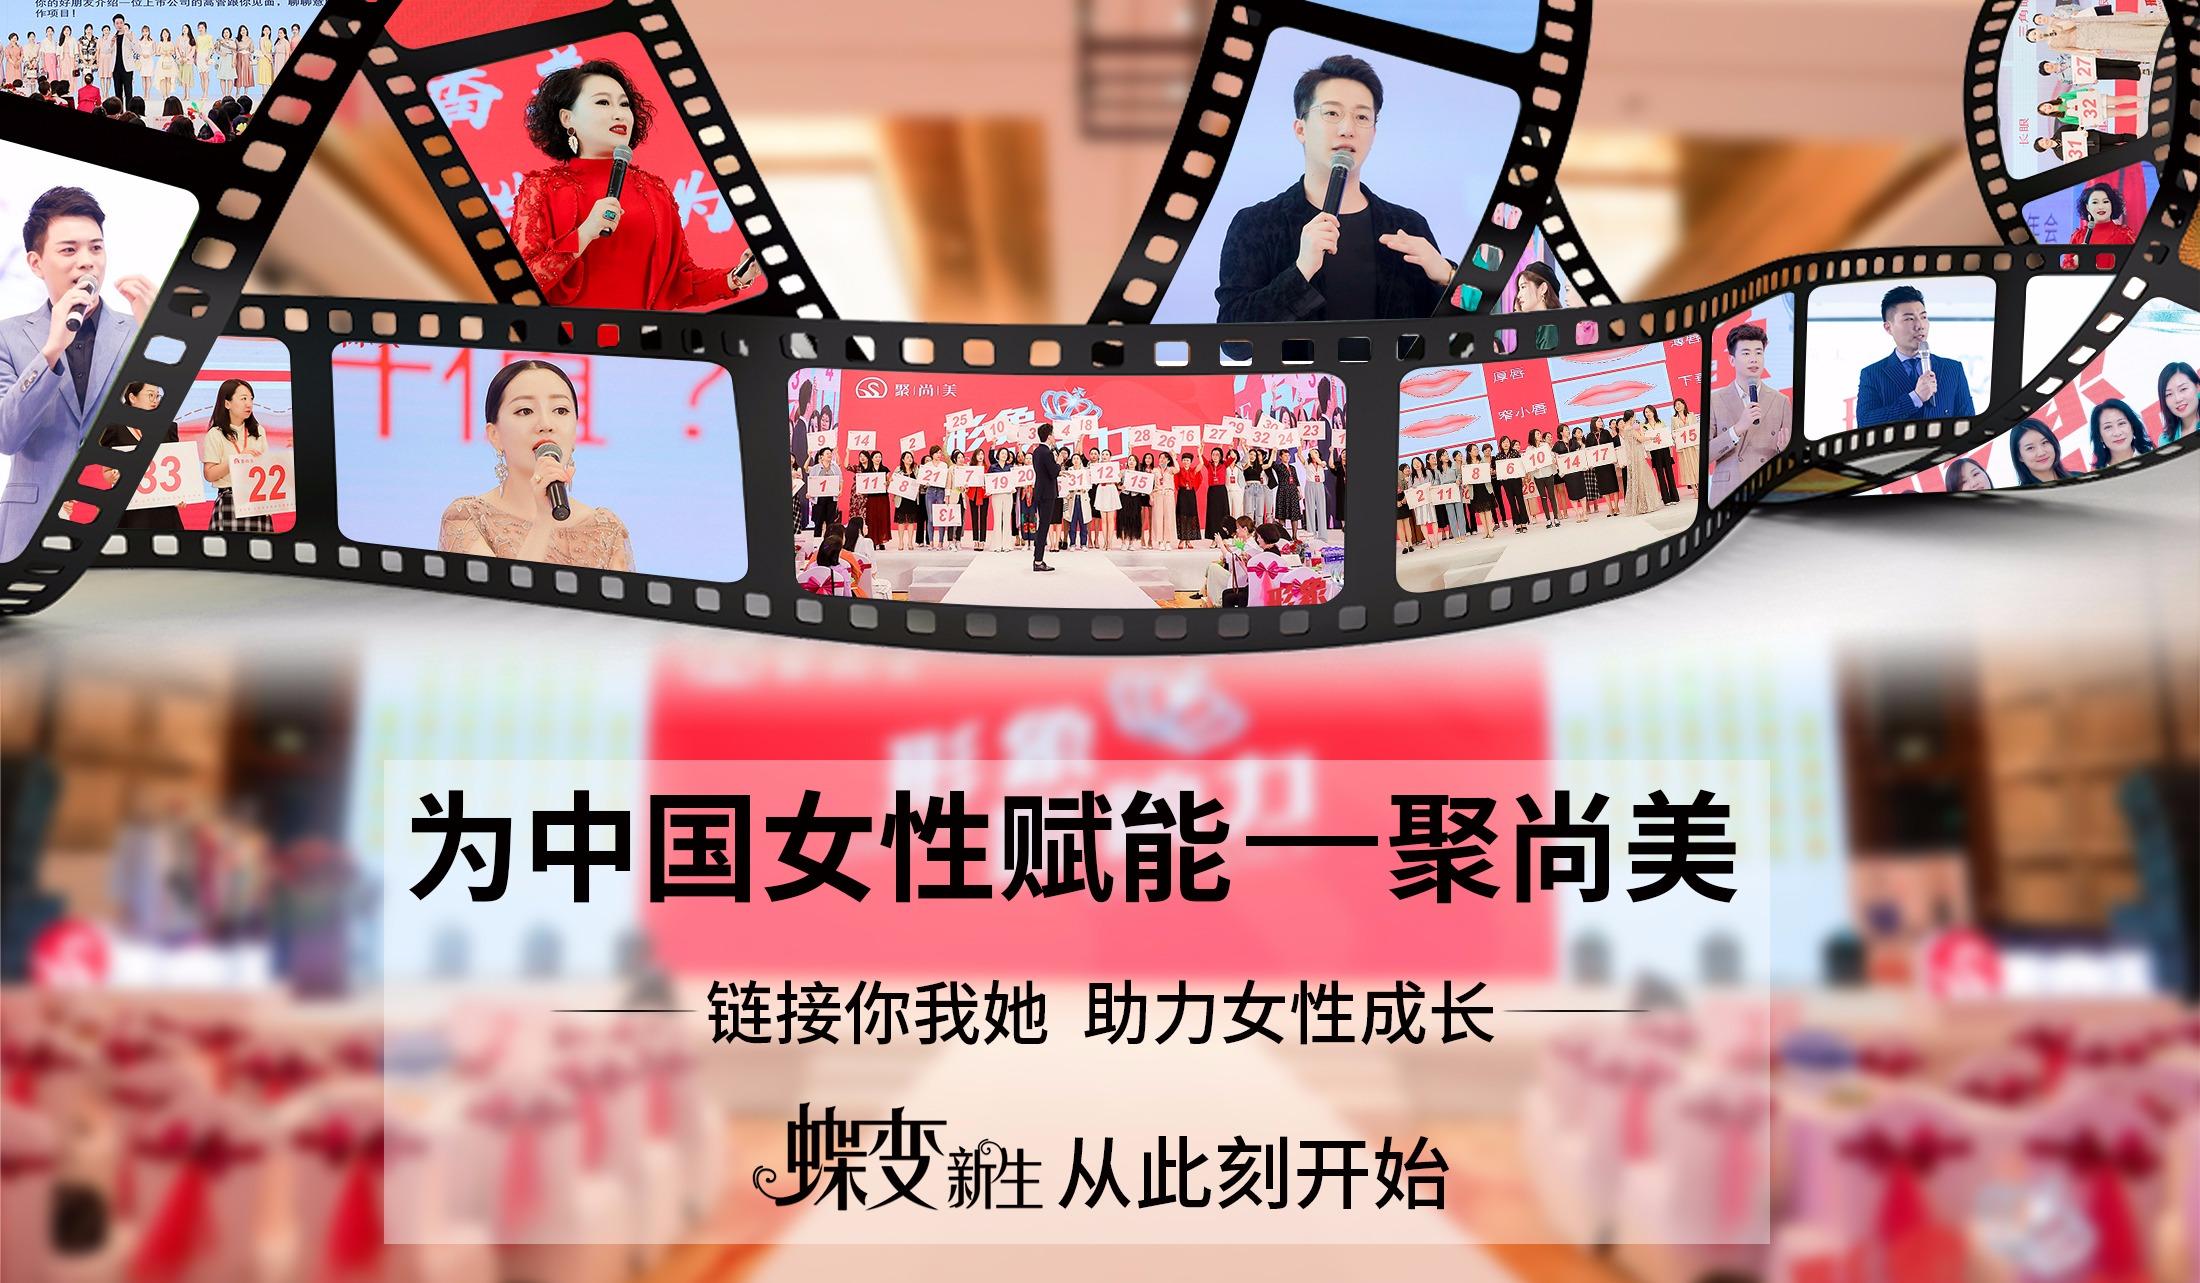 上海站《形象密码》新时代女性形象提升必修课(个性化色彩+妆容发型定位+体型调整+服装搭配技+衣橱管理)